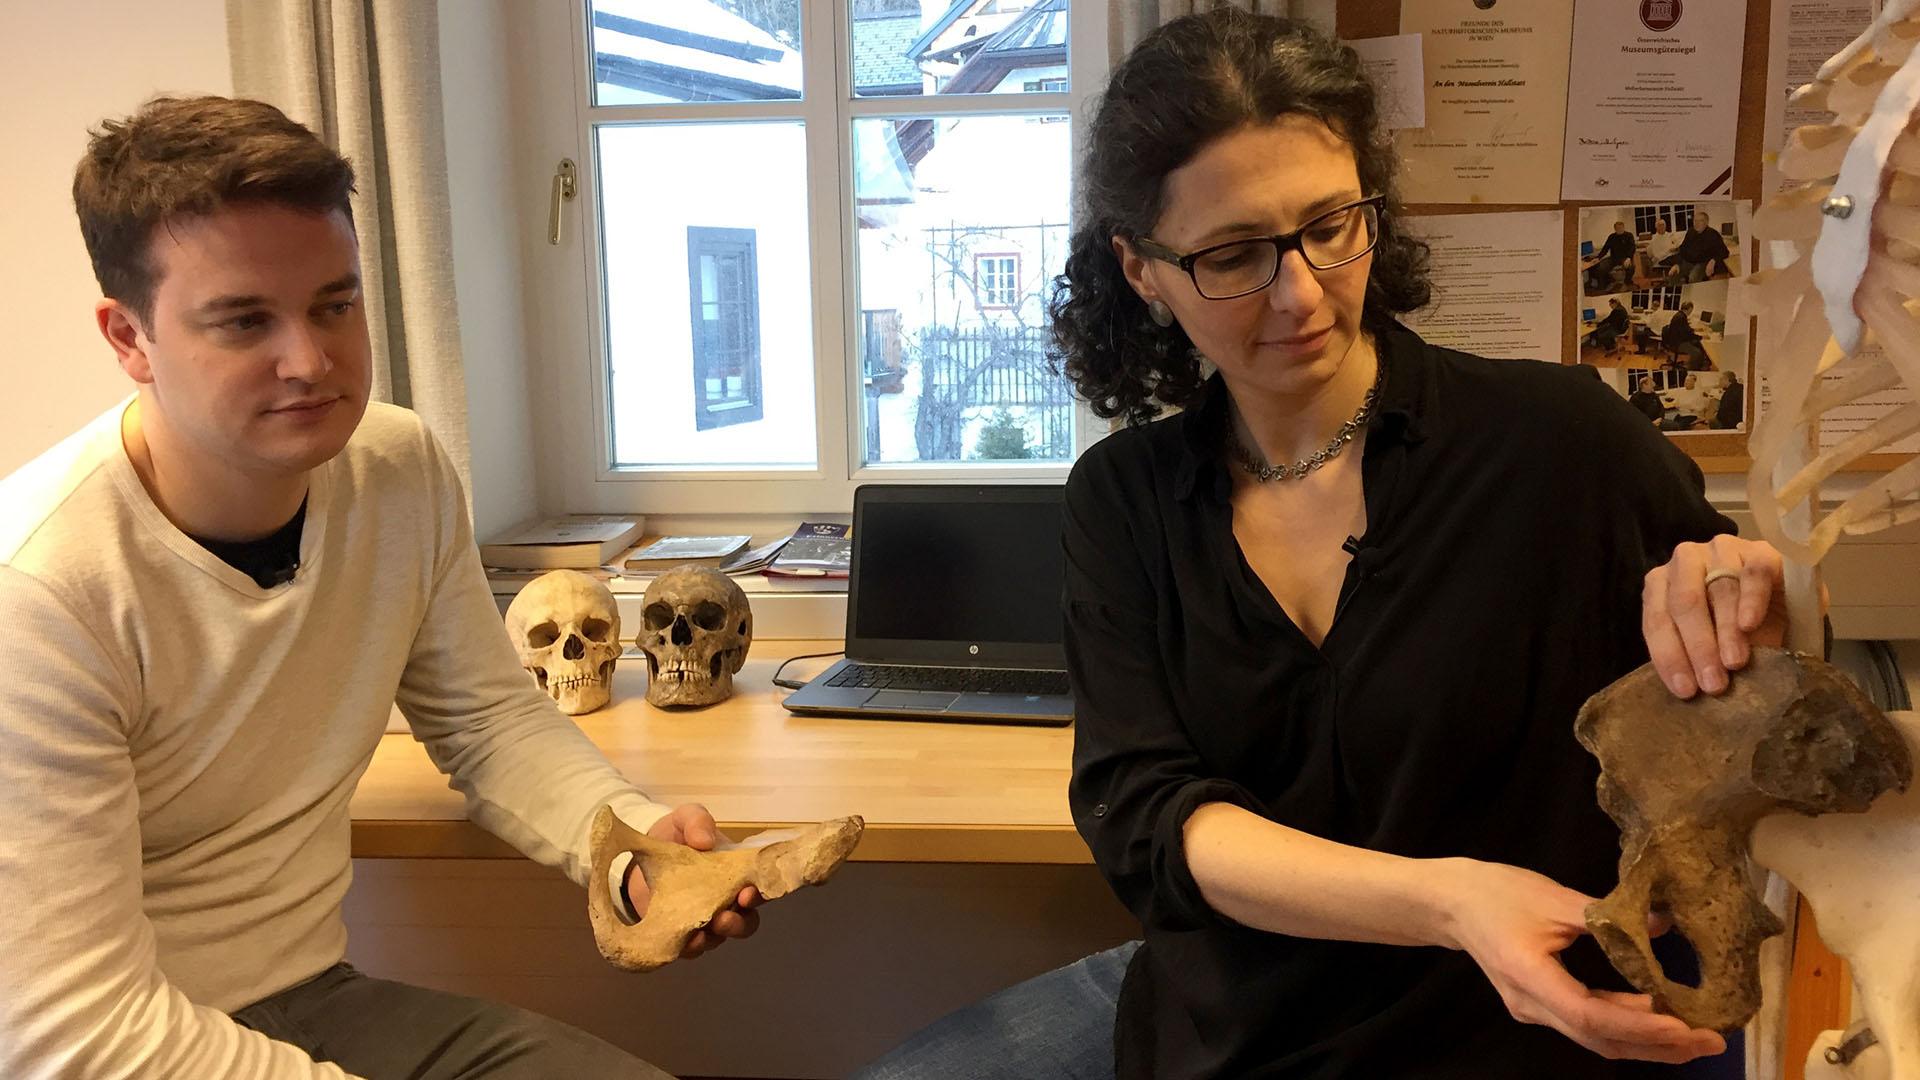 Anthropologin Doris Pany-Kucera zeigt dem Moderator Unterschiede an männlichen und weiblichen Skeletten